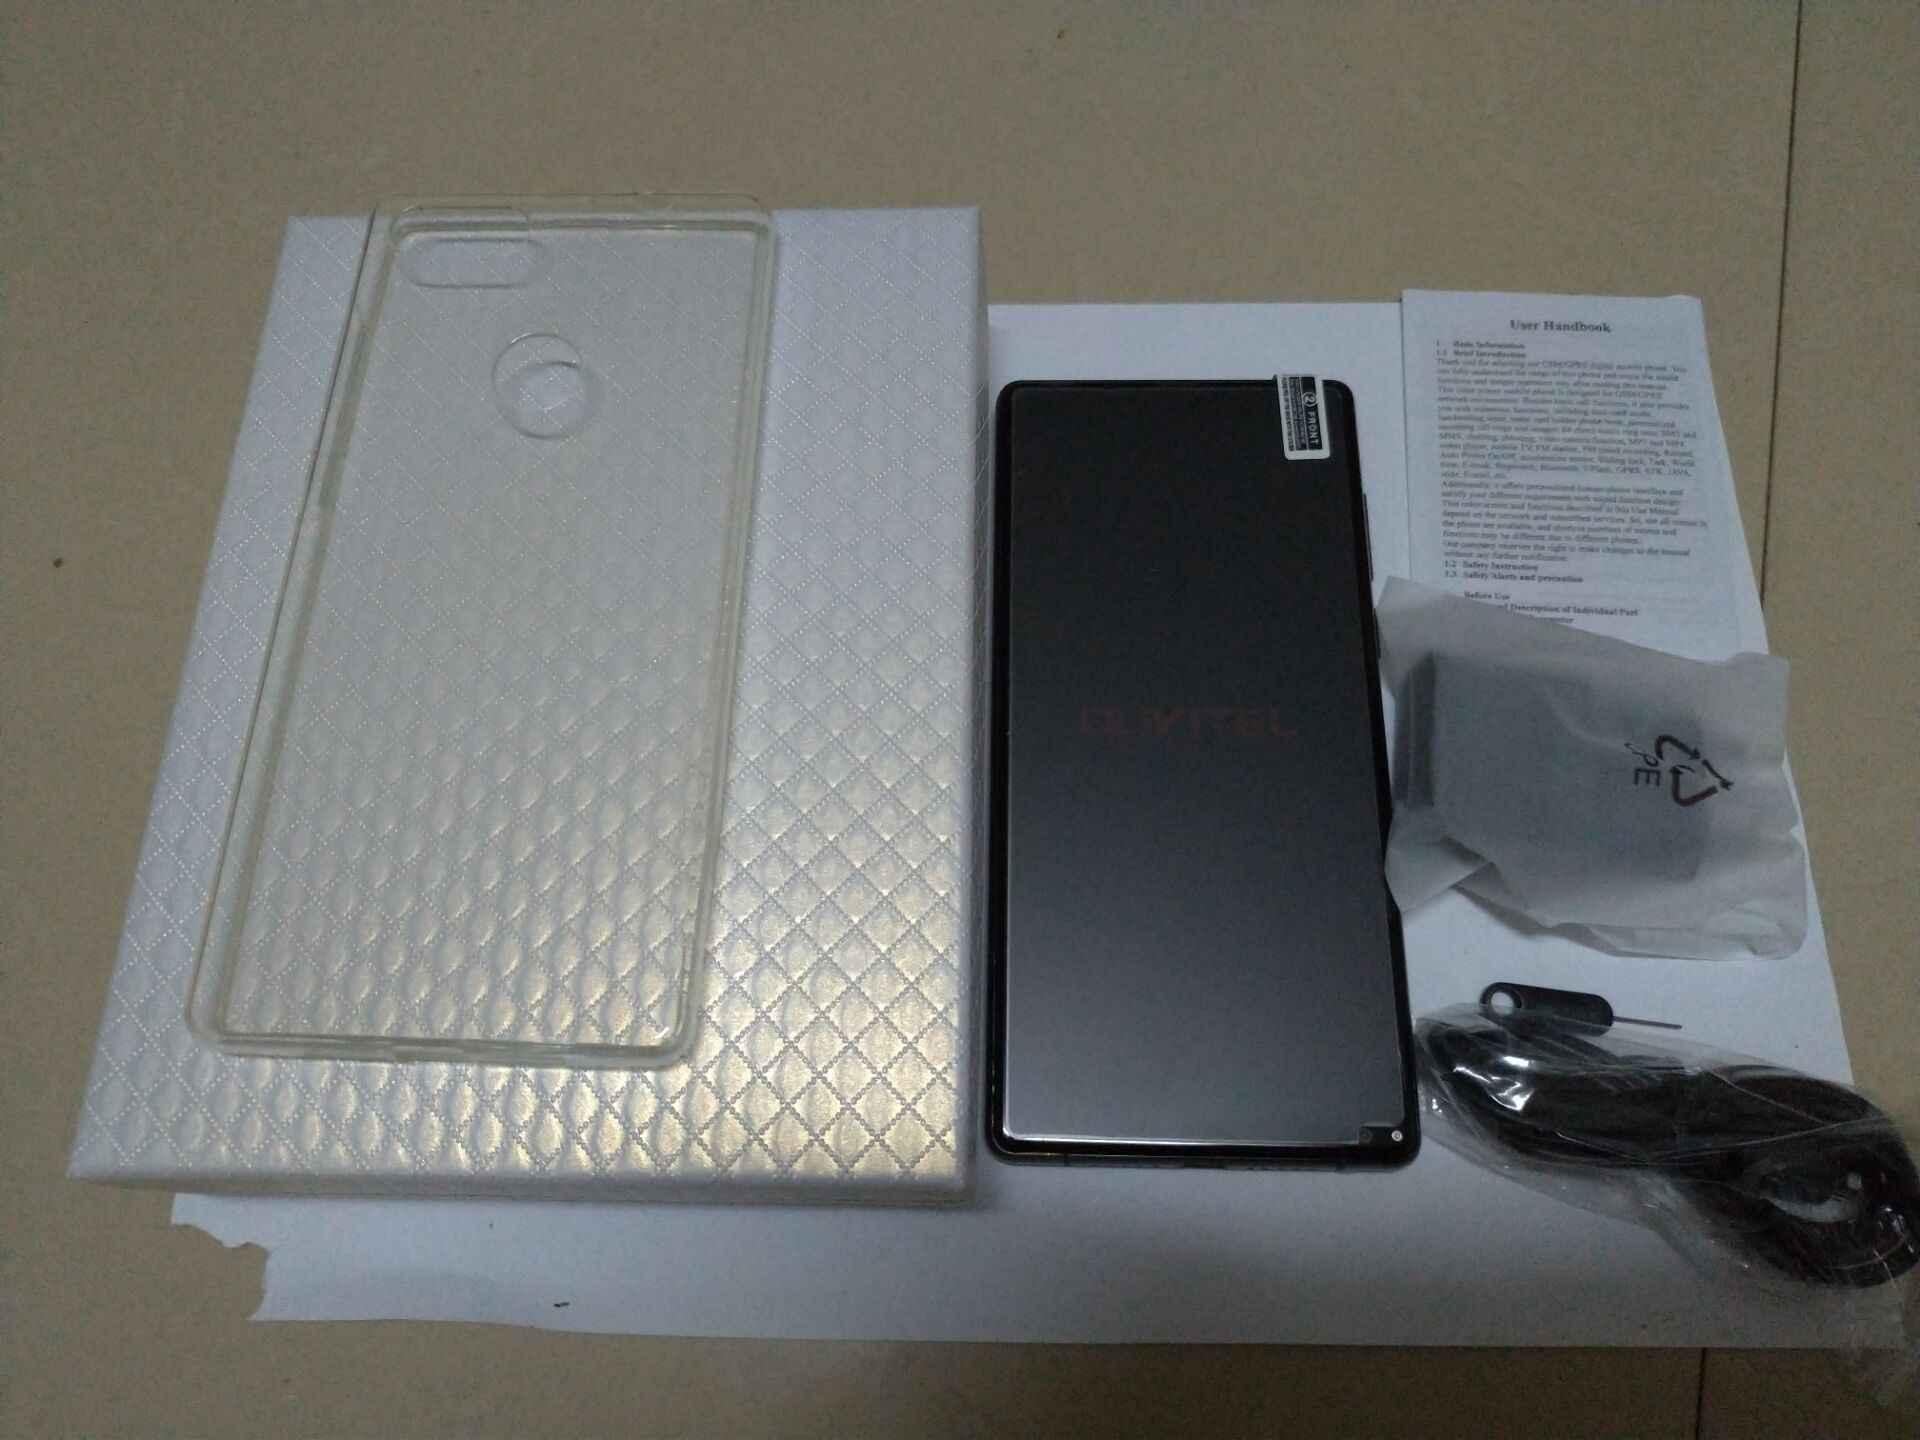 """شحن زجاج عليه طبقة غشاء رقيقة الأصلي Oukitel مزيج 2 5.99 """"FHD 18:9 هاتف ذكي هيليو P25 الثماني النواة 6GB + 64GB 21MP 4080mAh 4G LTE الهاتف المحمول"""